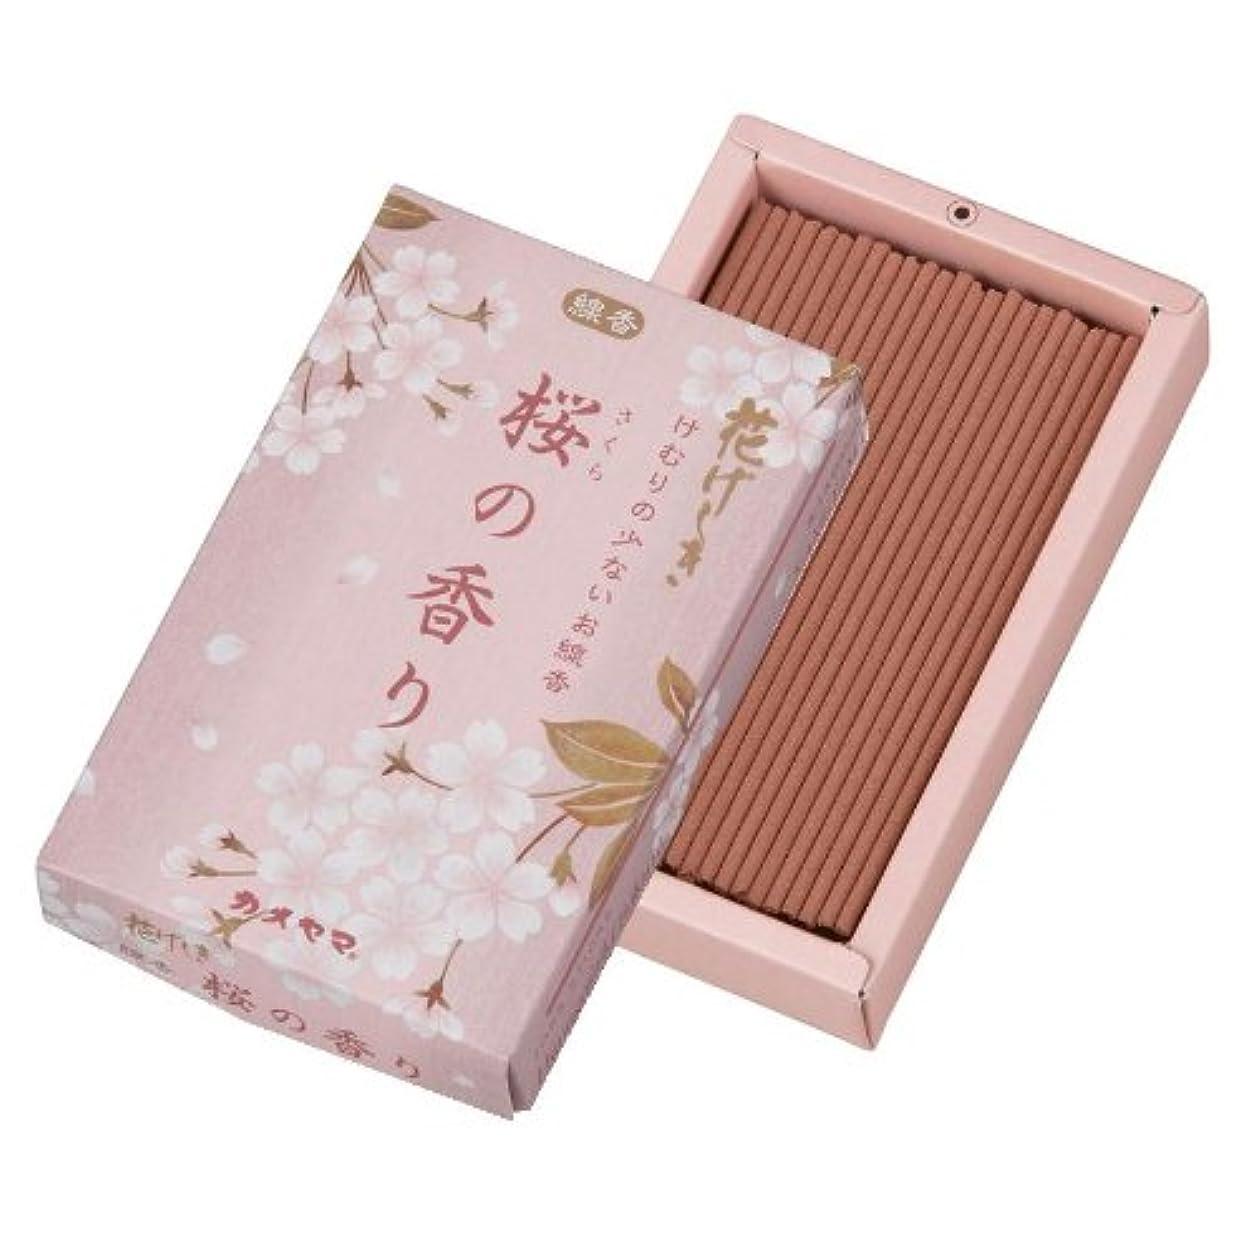 小説一勤勉な花げしき 桜の香りミニ寸 50g